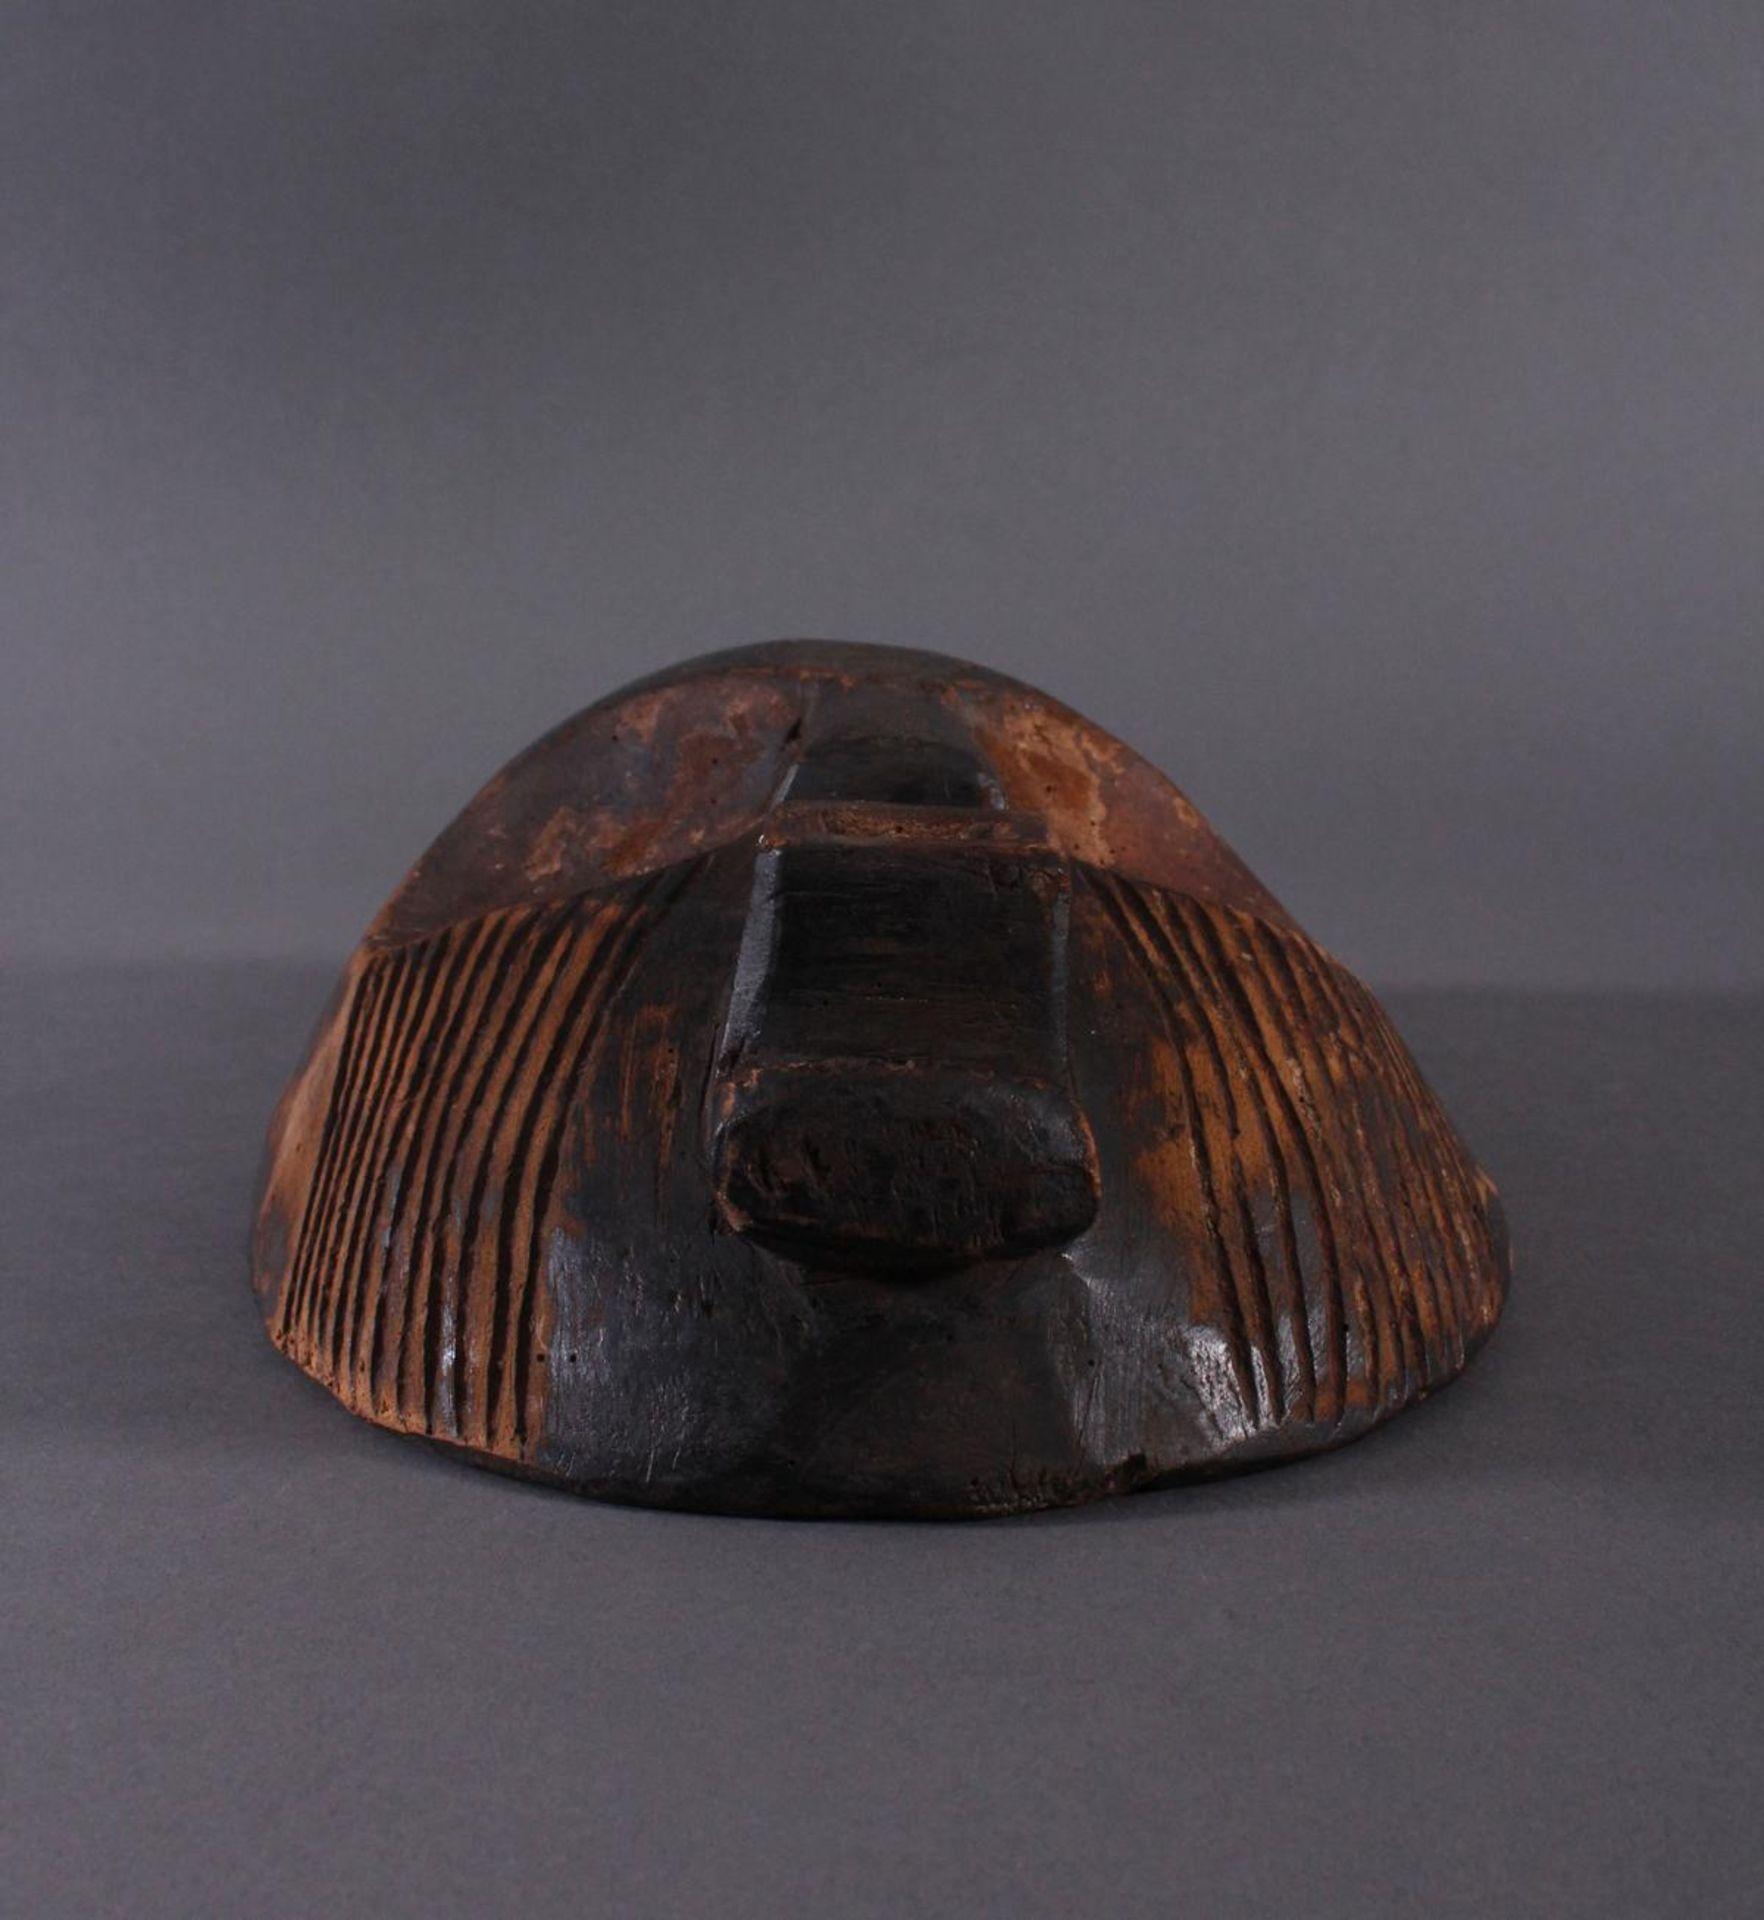 Antike Maske, Zaire/Kongo 1. Hälfte 20. Jh.Holz geschnitzt, dunköe Patina . Gesicht mit linearen - Bild 2 aus 6